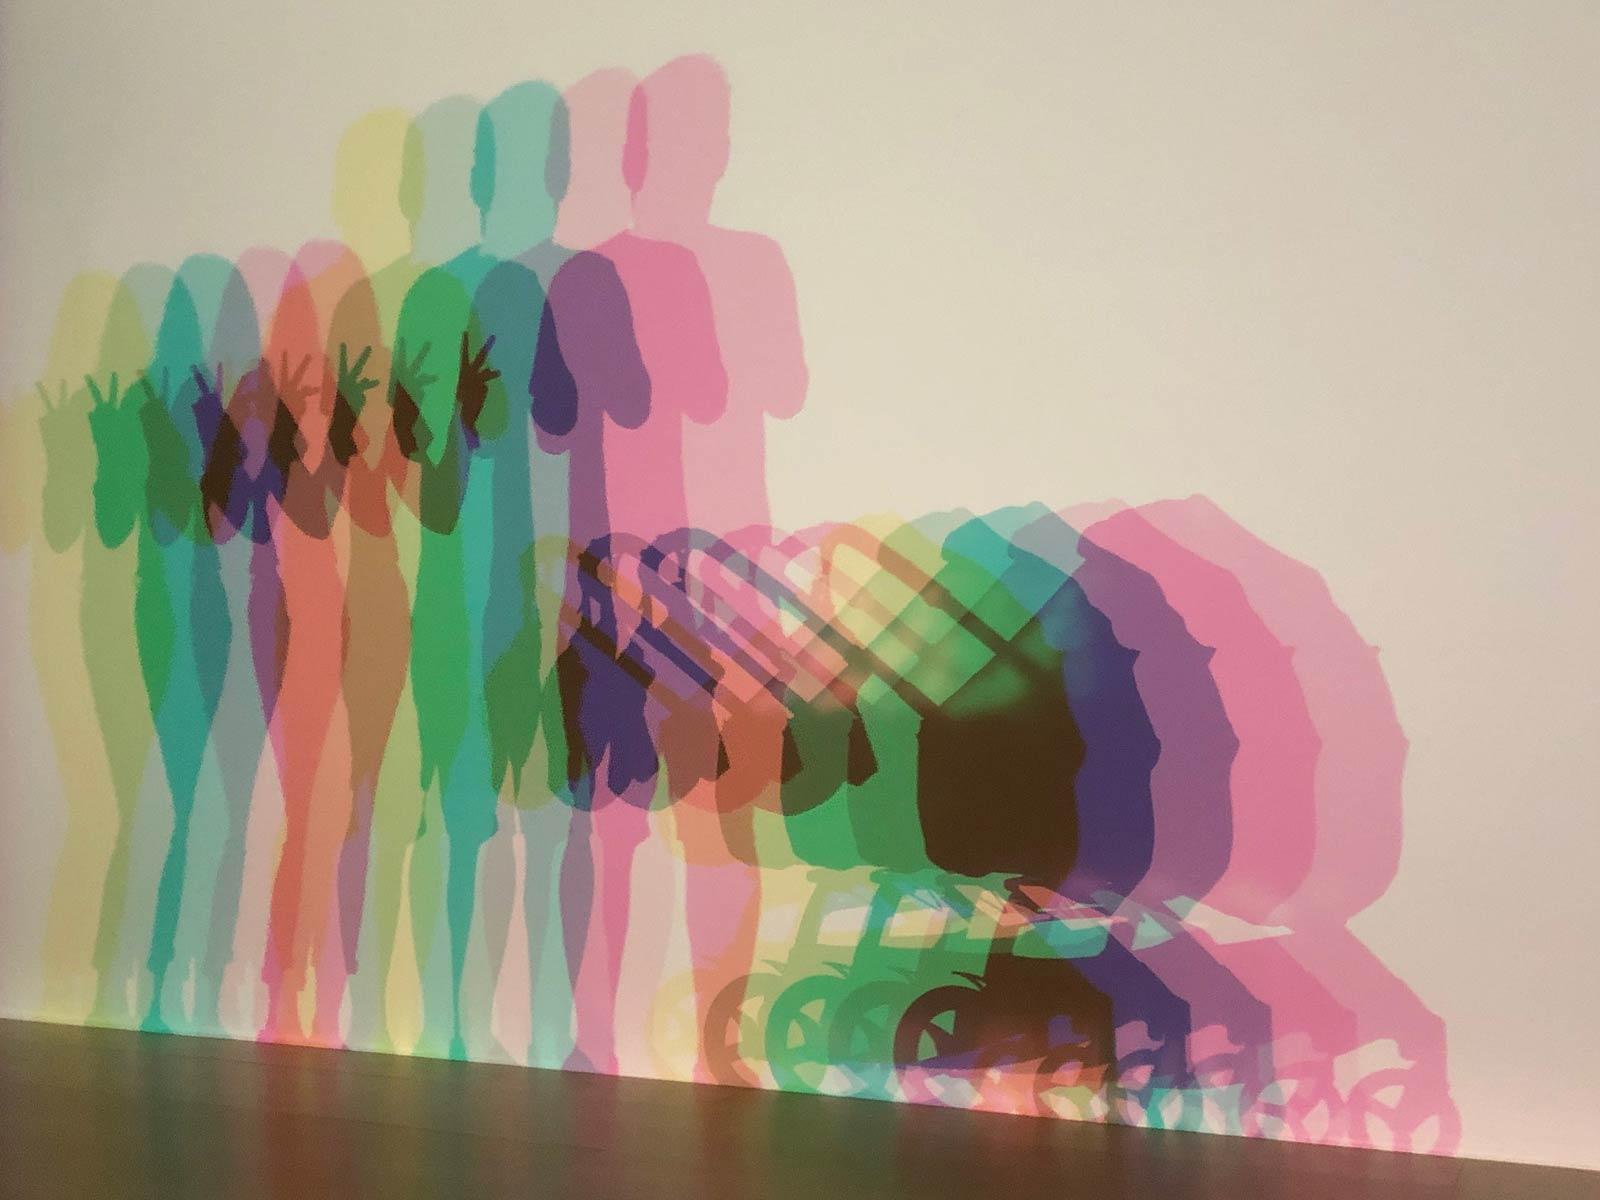 sitzende Menschen bei Kunst-Festival